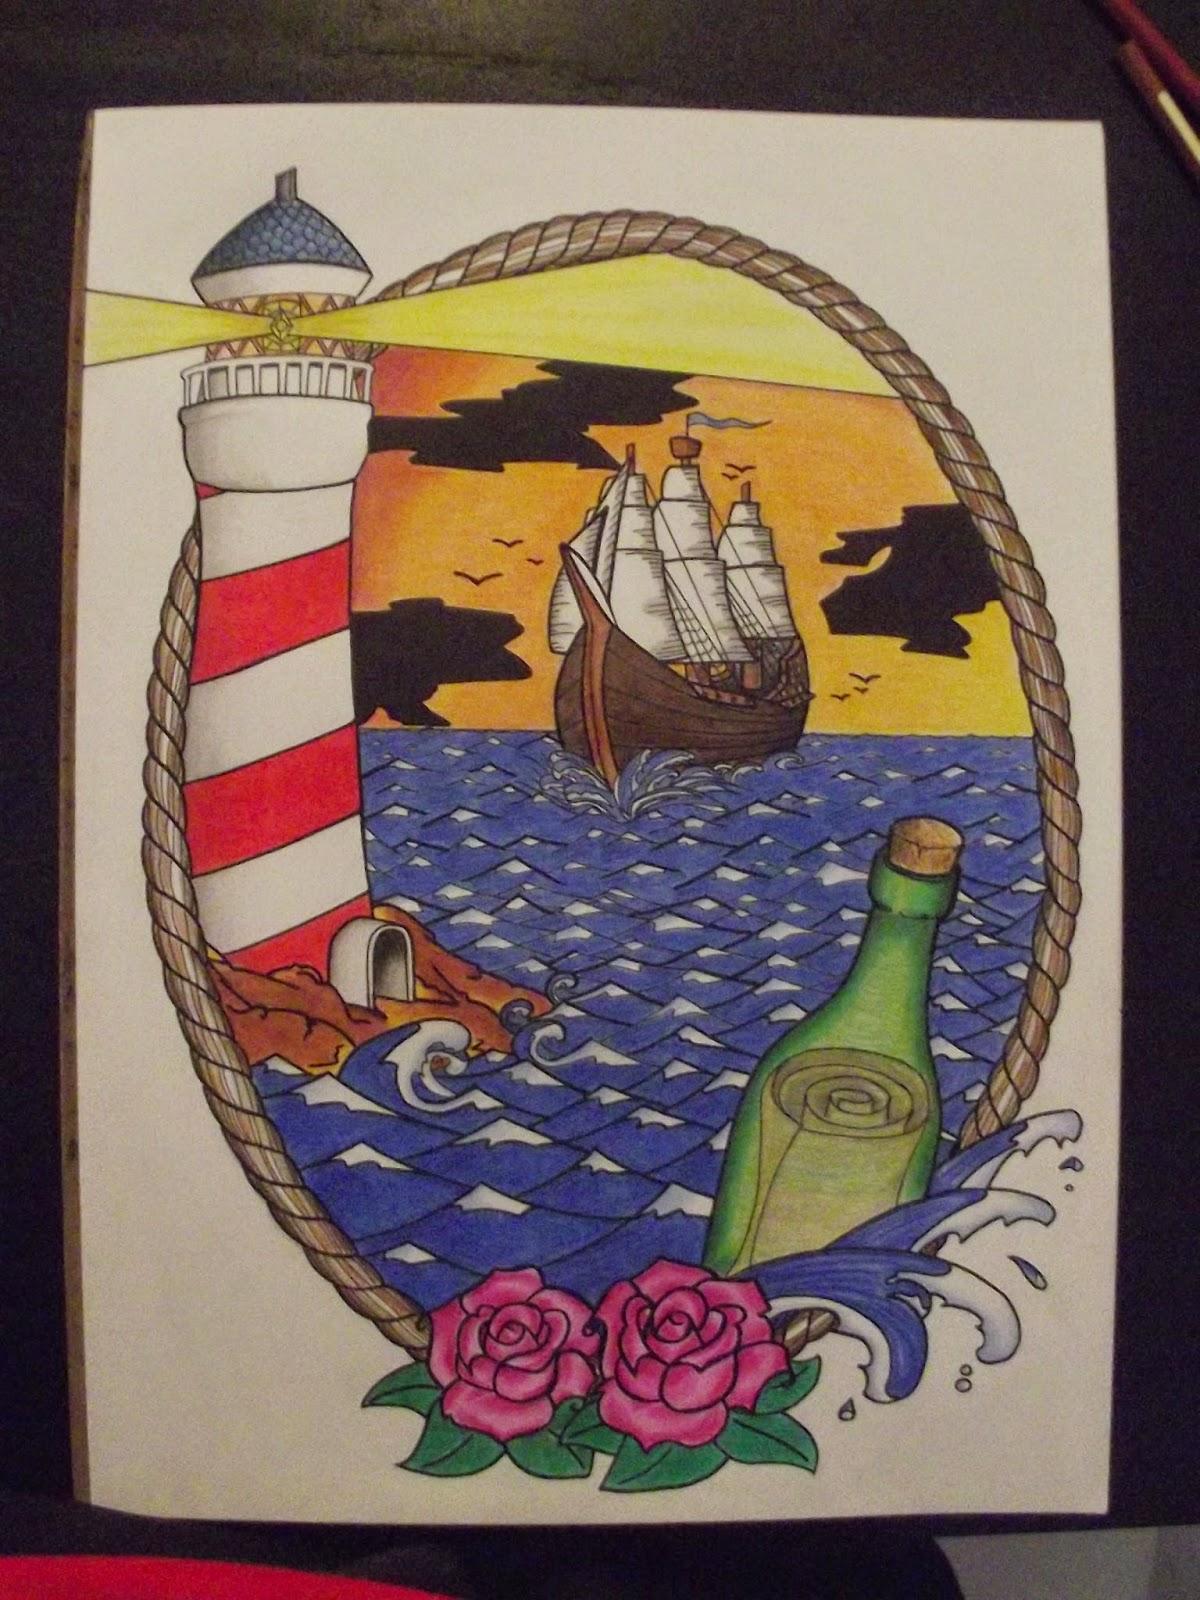 Créer votre propre tatouage avec tattoo maker Forum Tatouages et  - Dessiner Son Propre Tatouage